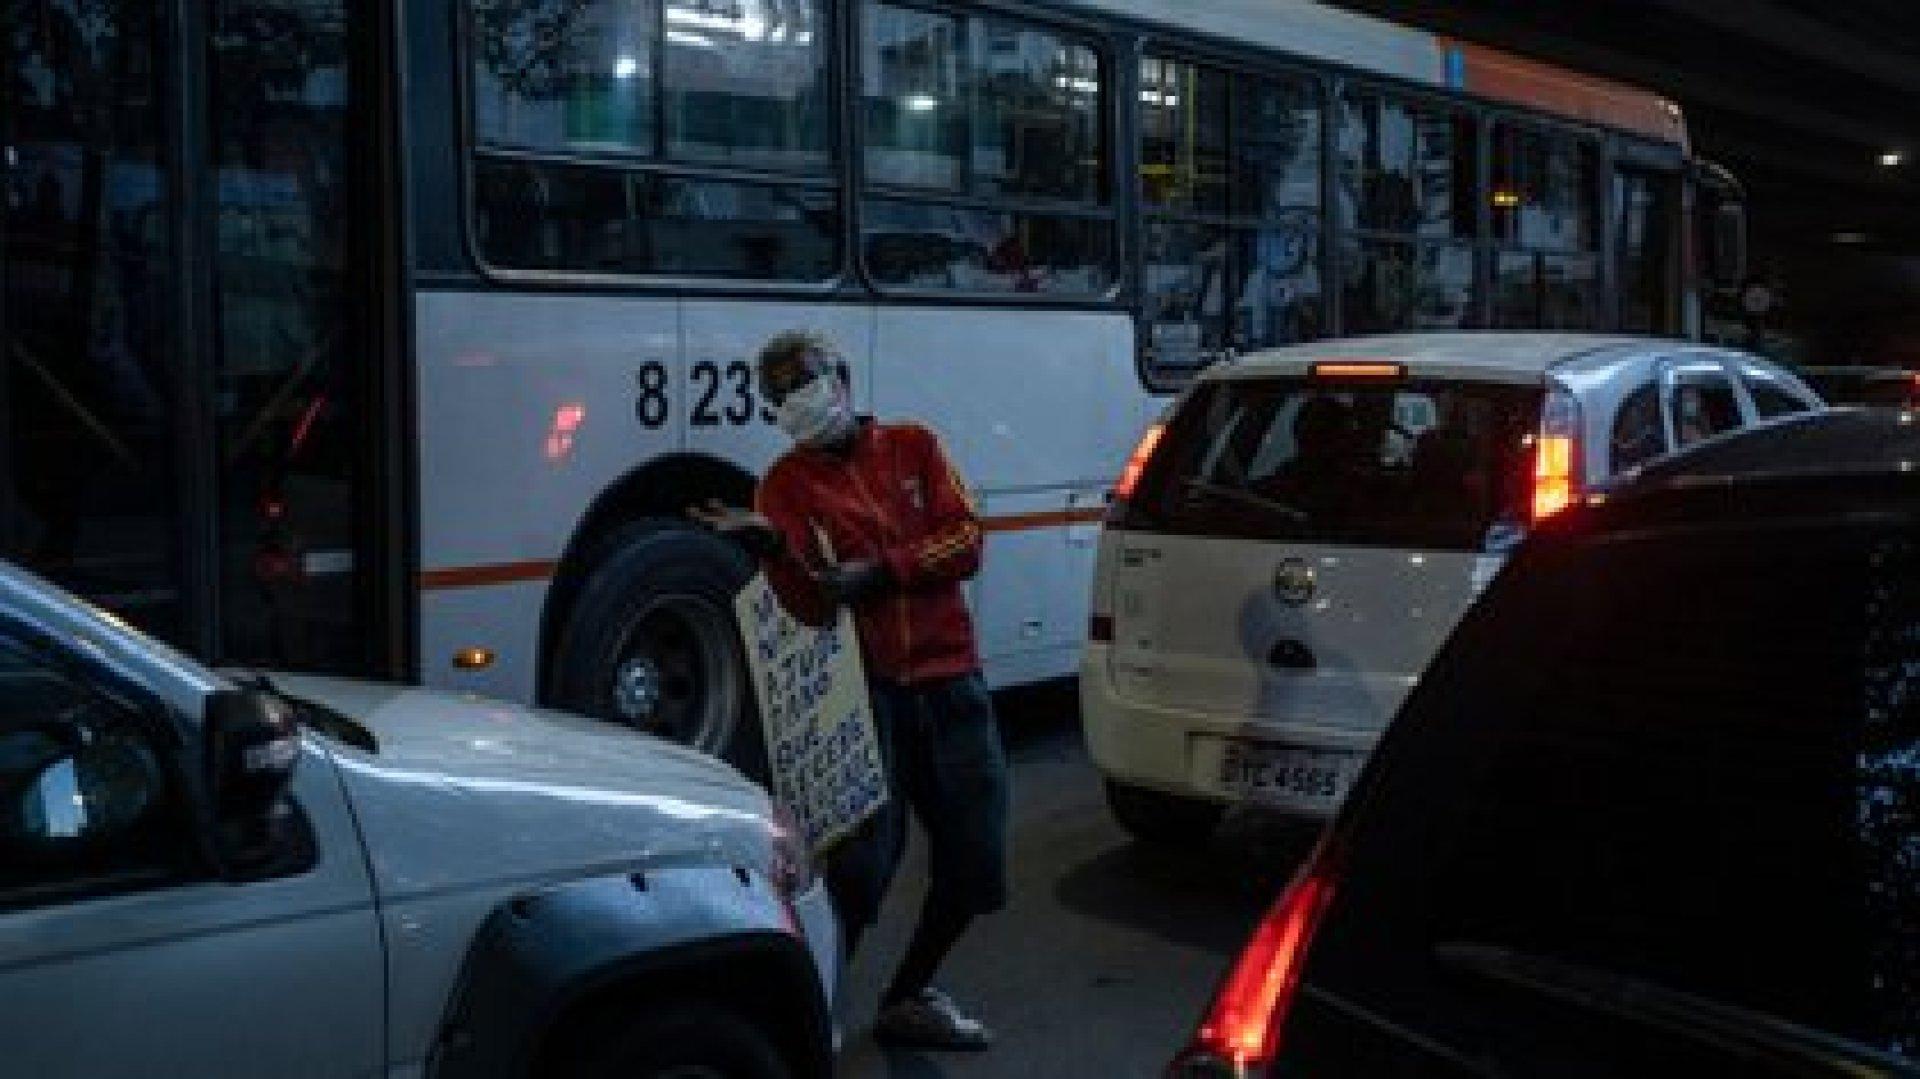 Ismael dos Santos pide unas monedas en un semáforo. (Victor Moriyama / The New York Times)